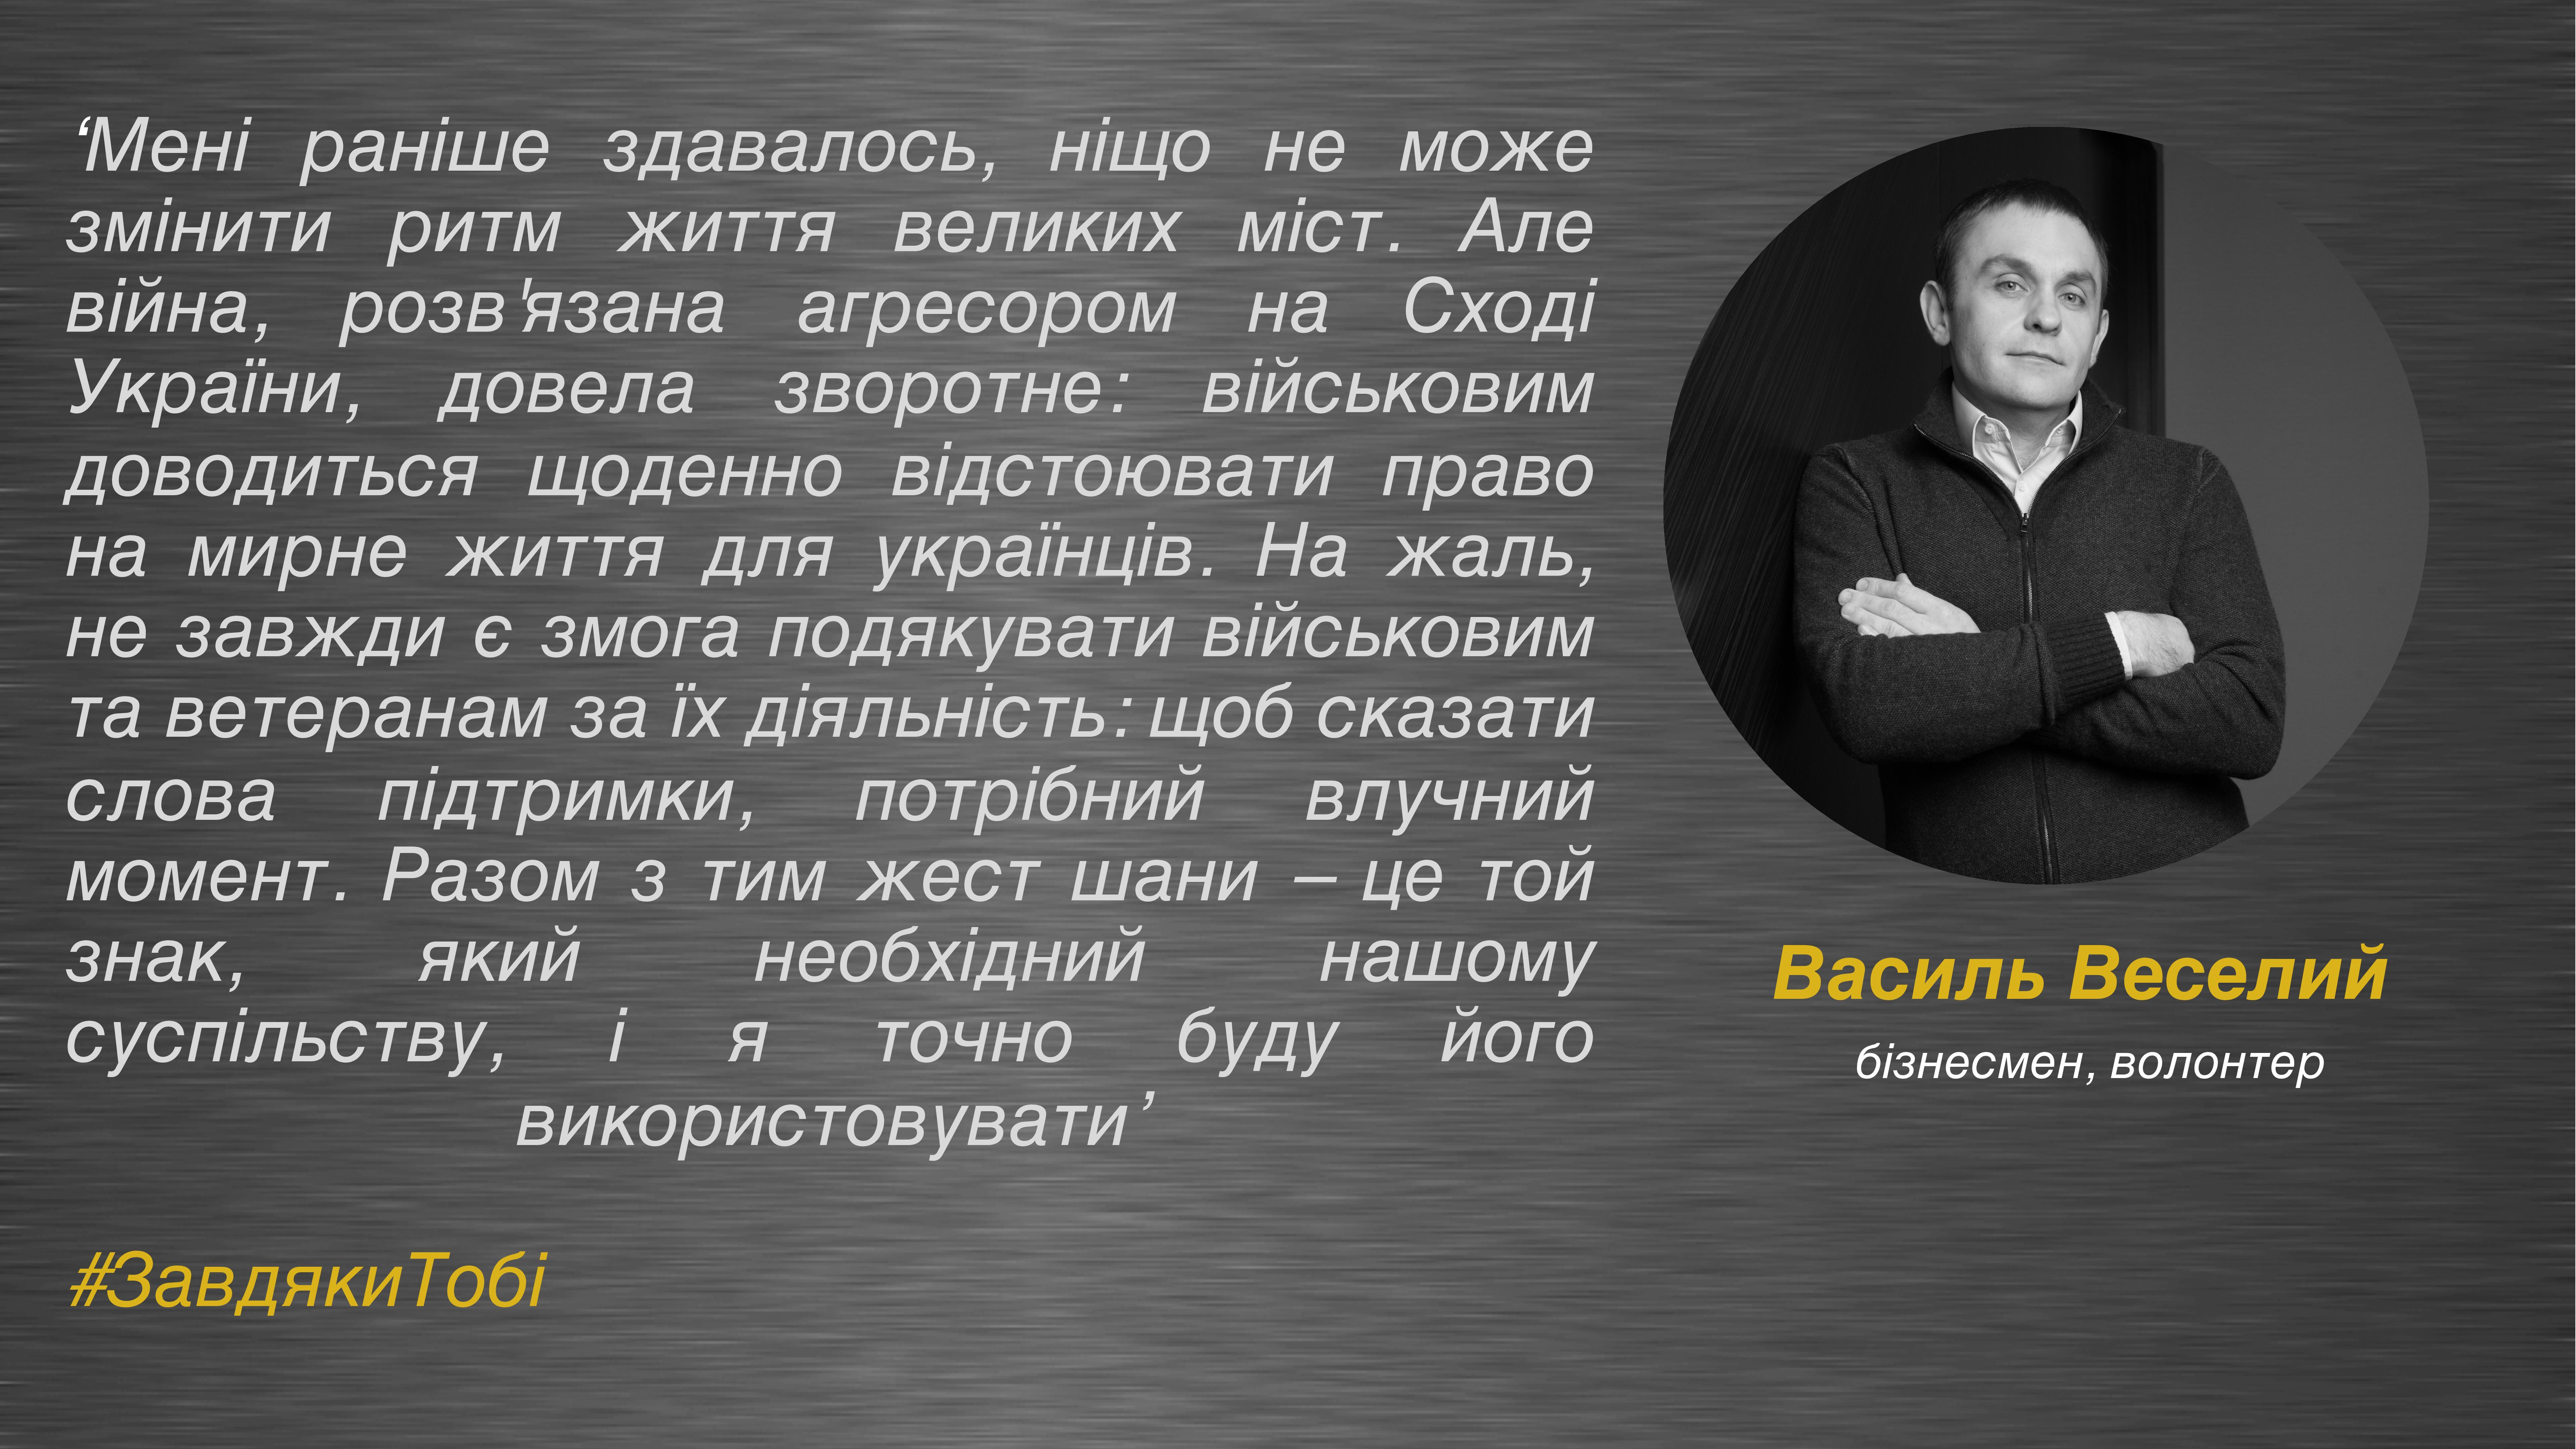 Василь Веселий доєднався до ініціативи Завдяки тобі (6.99 28) 64a392a0276de